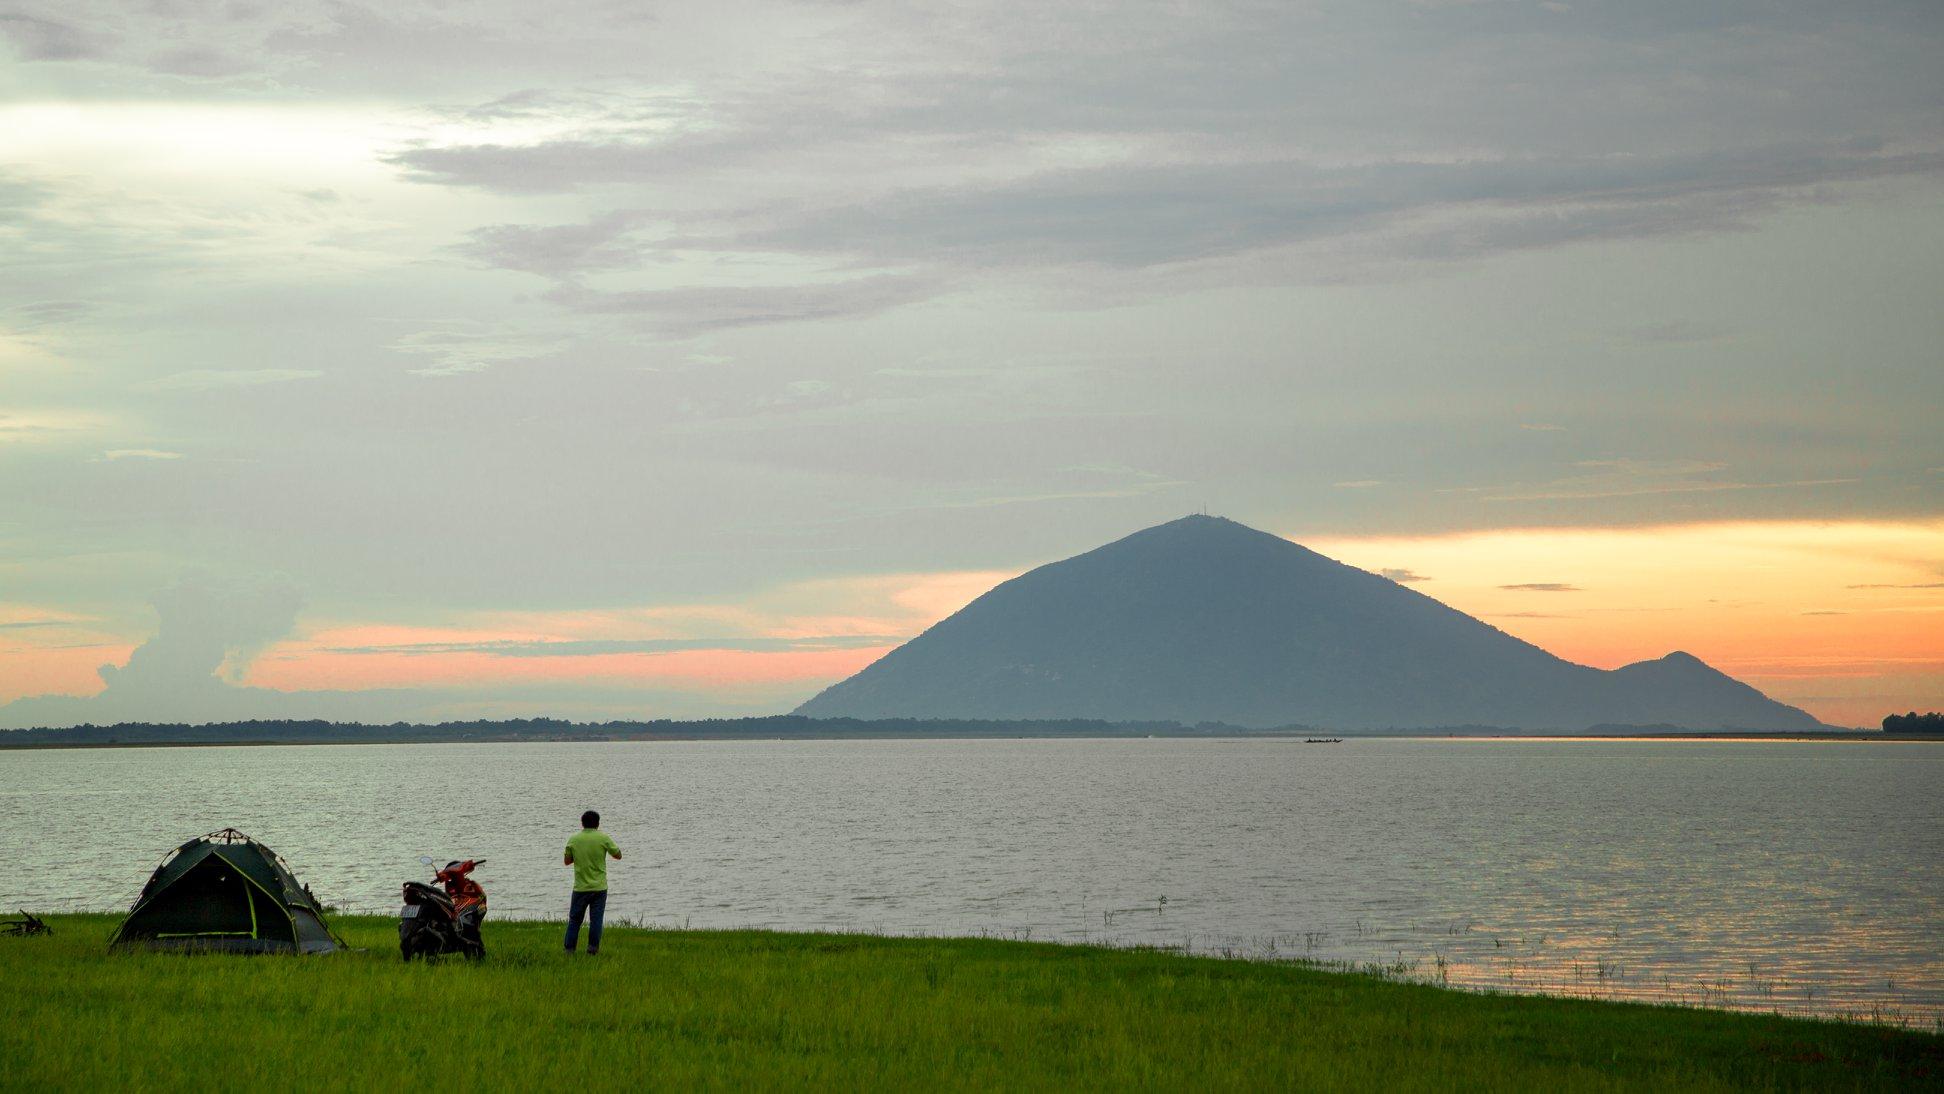 Đến hồ Dầu Tiếng, chiêm ngưỡng cảnh đẹp hút hồn tại địa điểm cắm trại hot nhất Tây Ninh  - Ảnh 5.